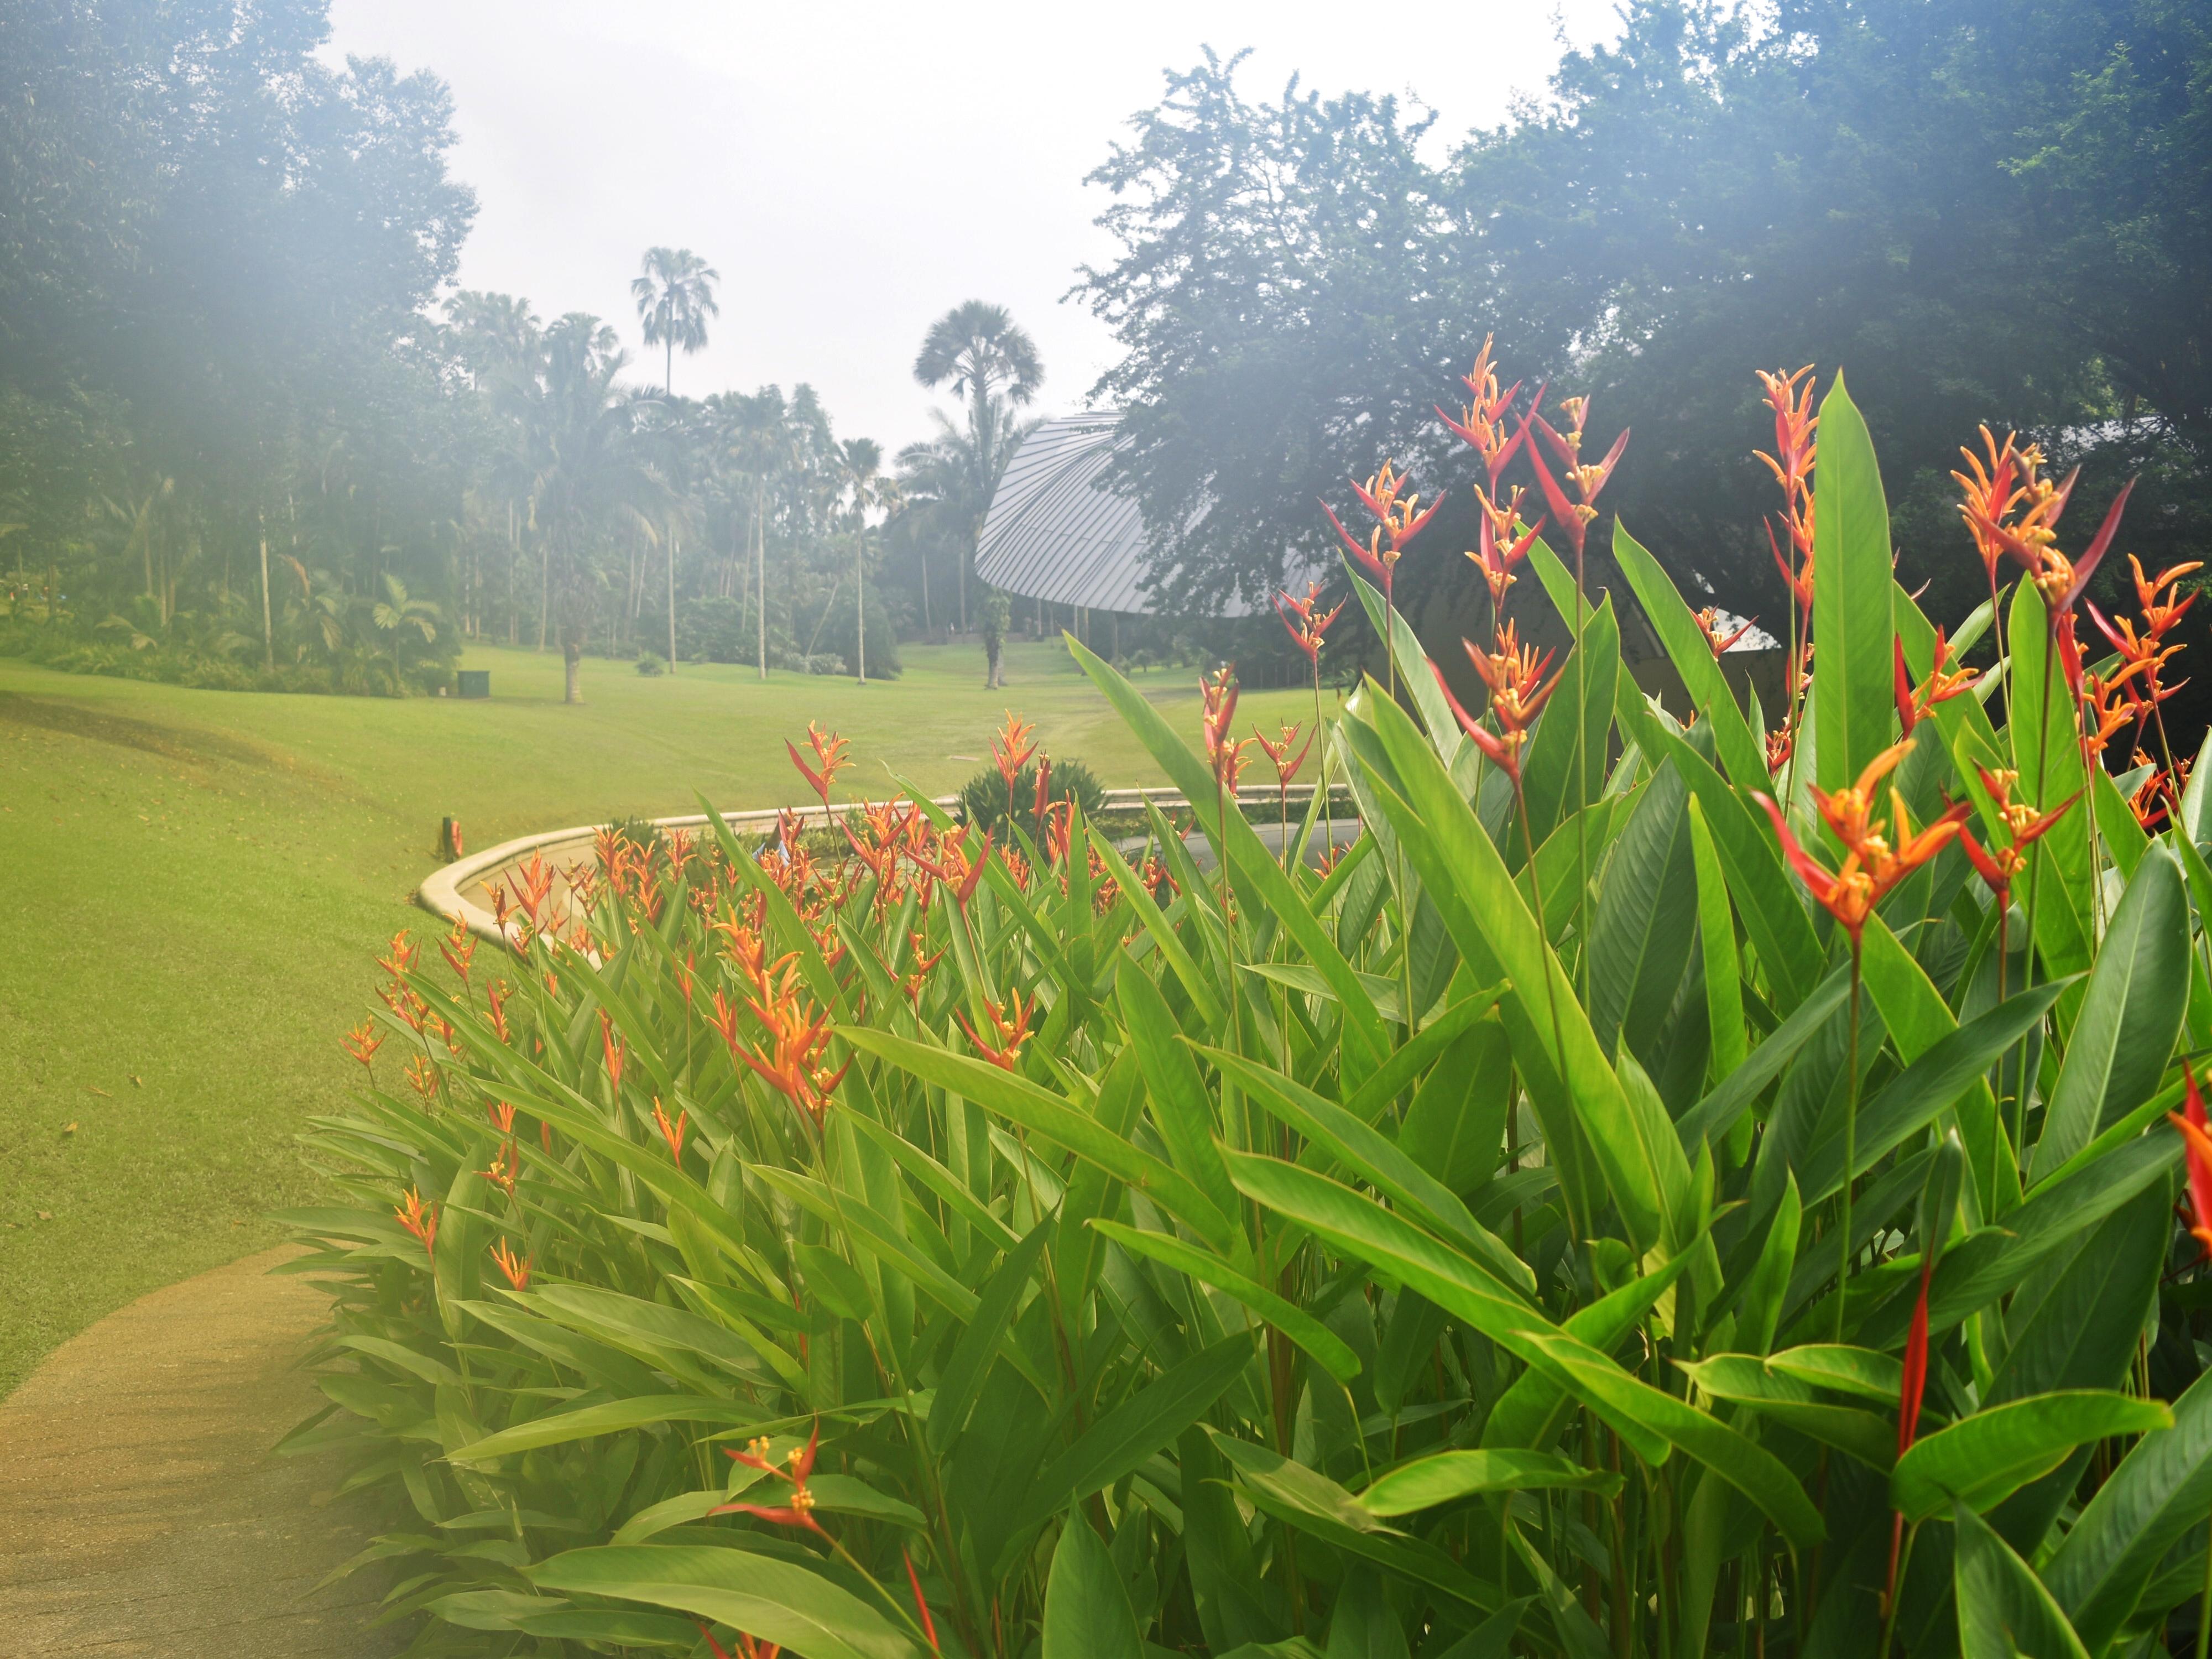 flowers in haze